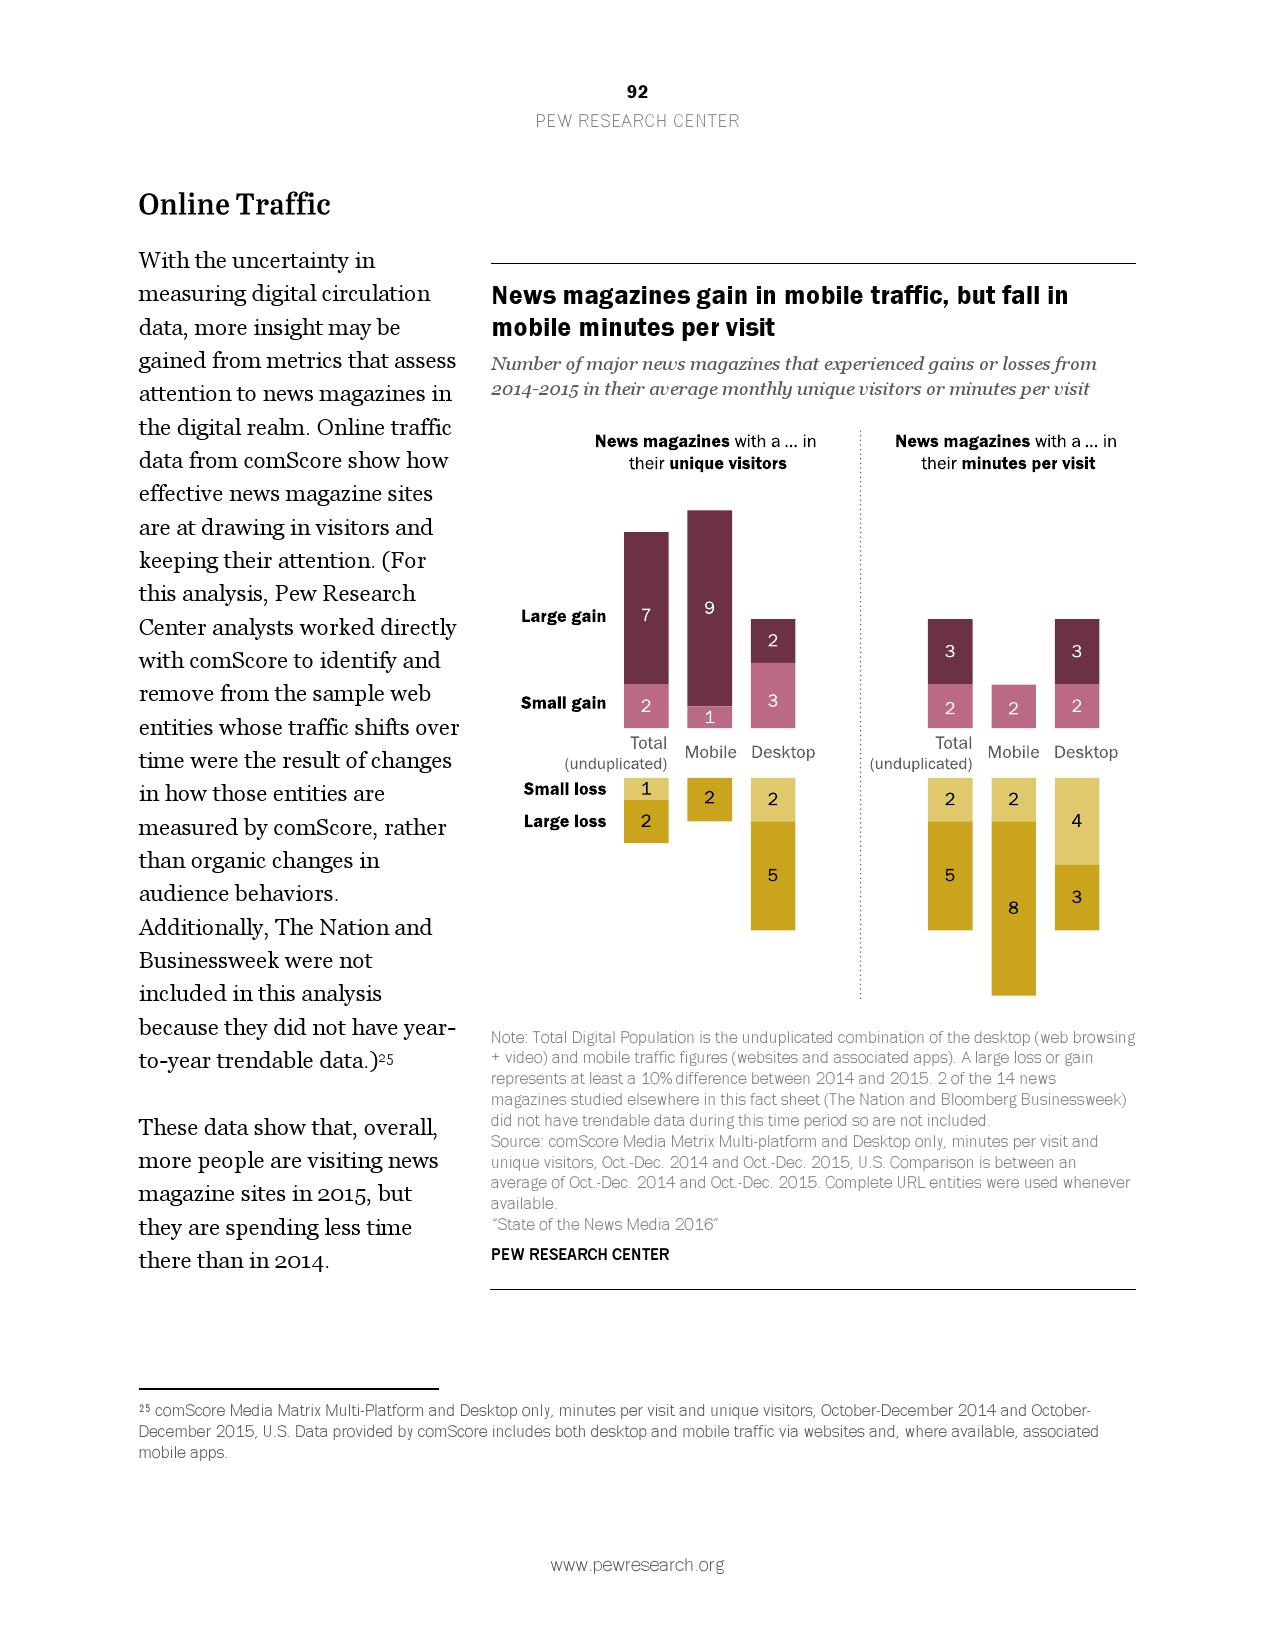 2016美国新媒体研究报告_000092